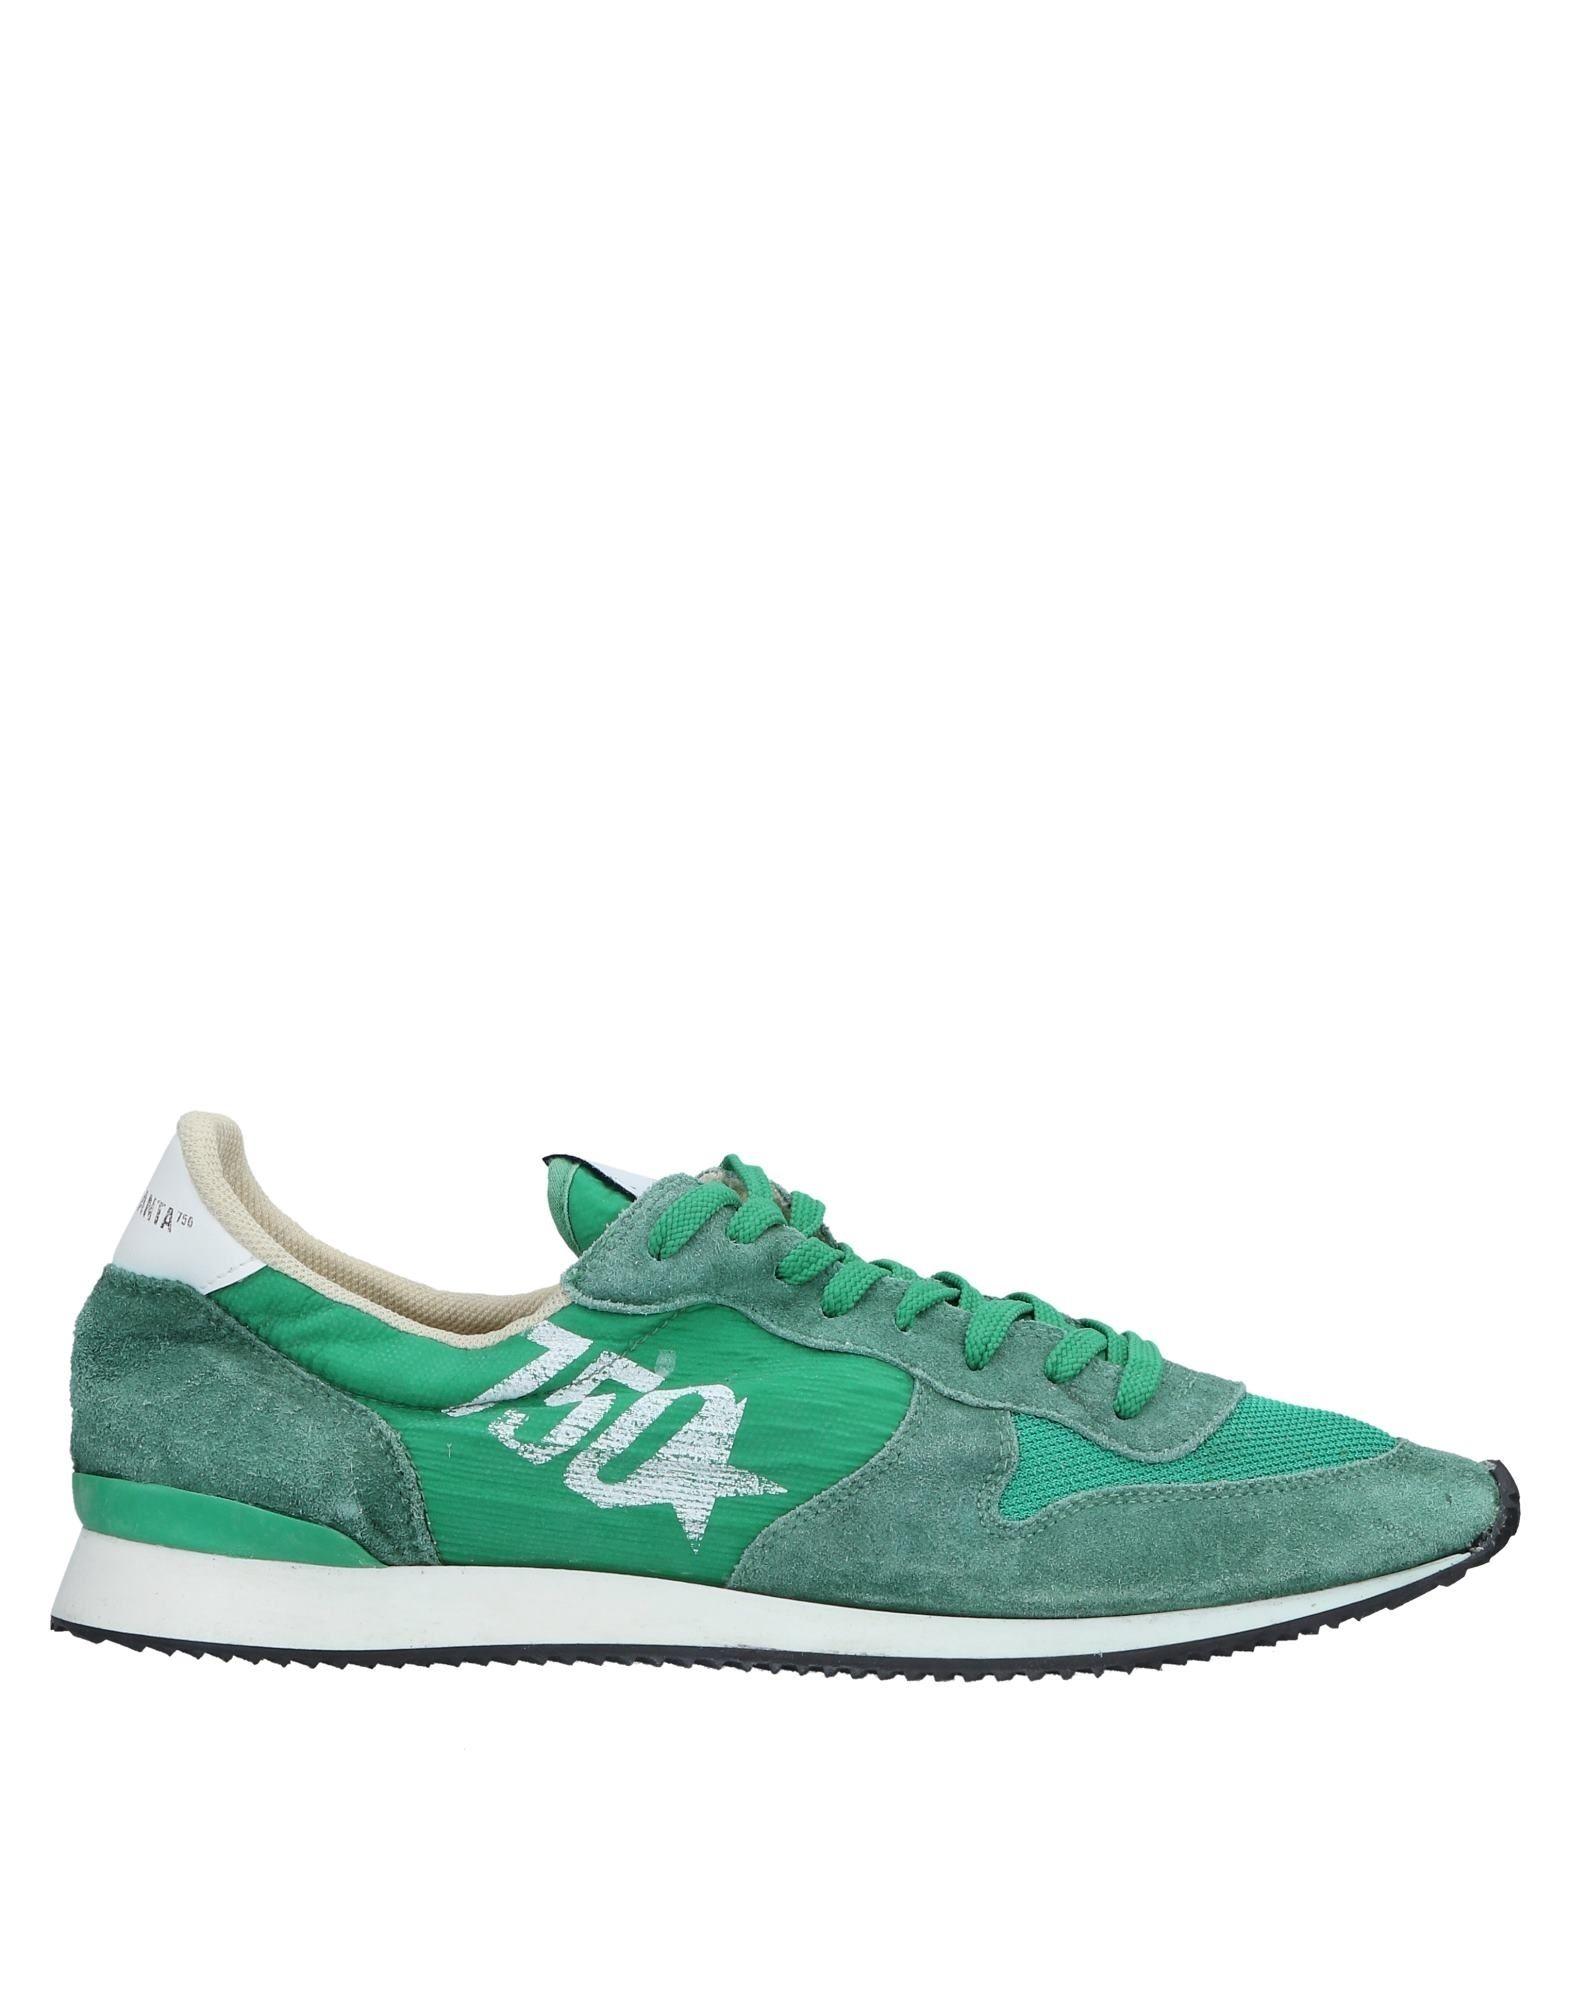 Sneakers G750g Homme - Sneakers G750g  Vert Meilleur modèle de vente